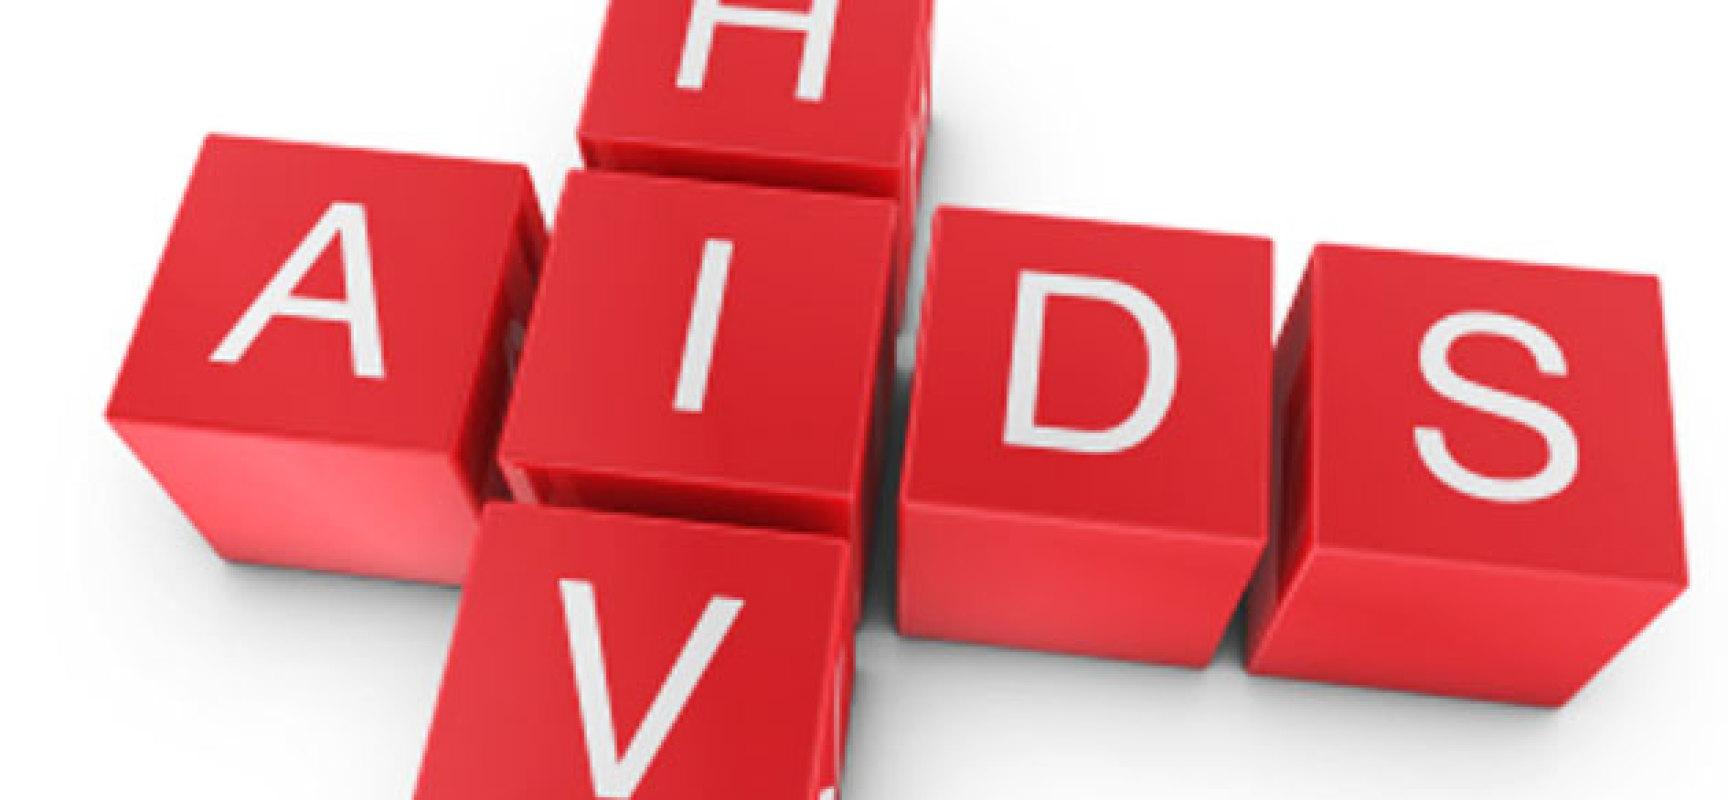 Onu : Aids, sono 18,2 milioni le persone che seguono terapia